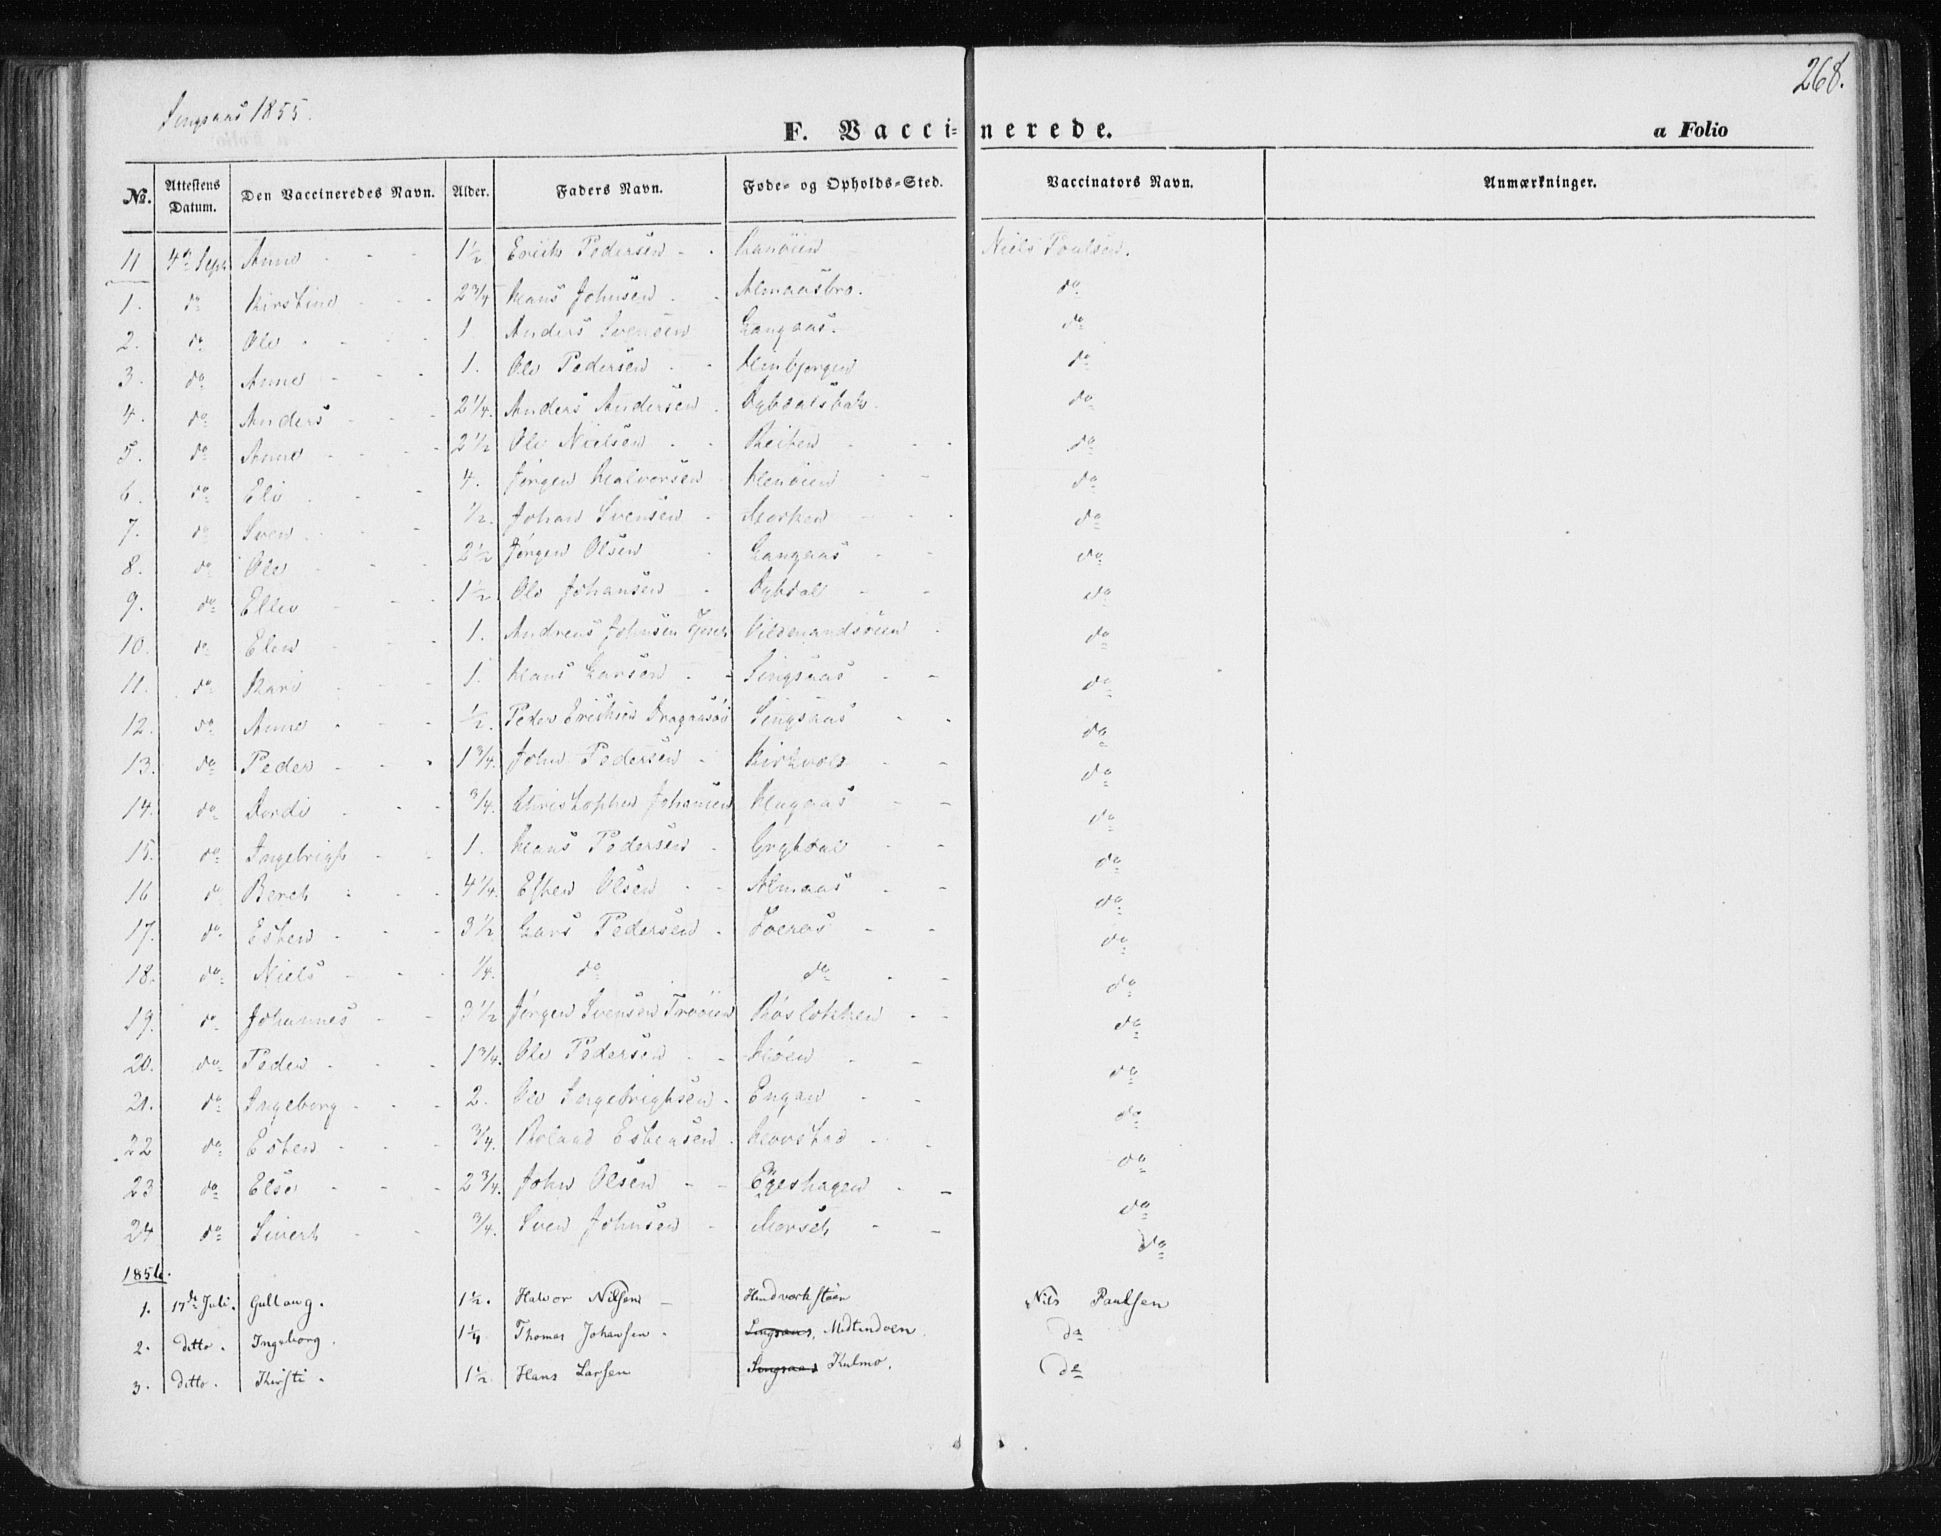 SAT, Ministerialprotokoller, klokkerbøker og fødselsregistre - Sør-Trøndelag, 685/L0964: Ministerialbok nr. 685A06 /2, 1846-1859, s. 268